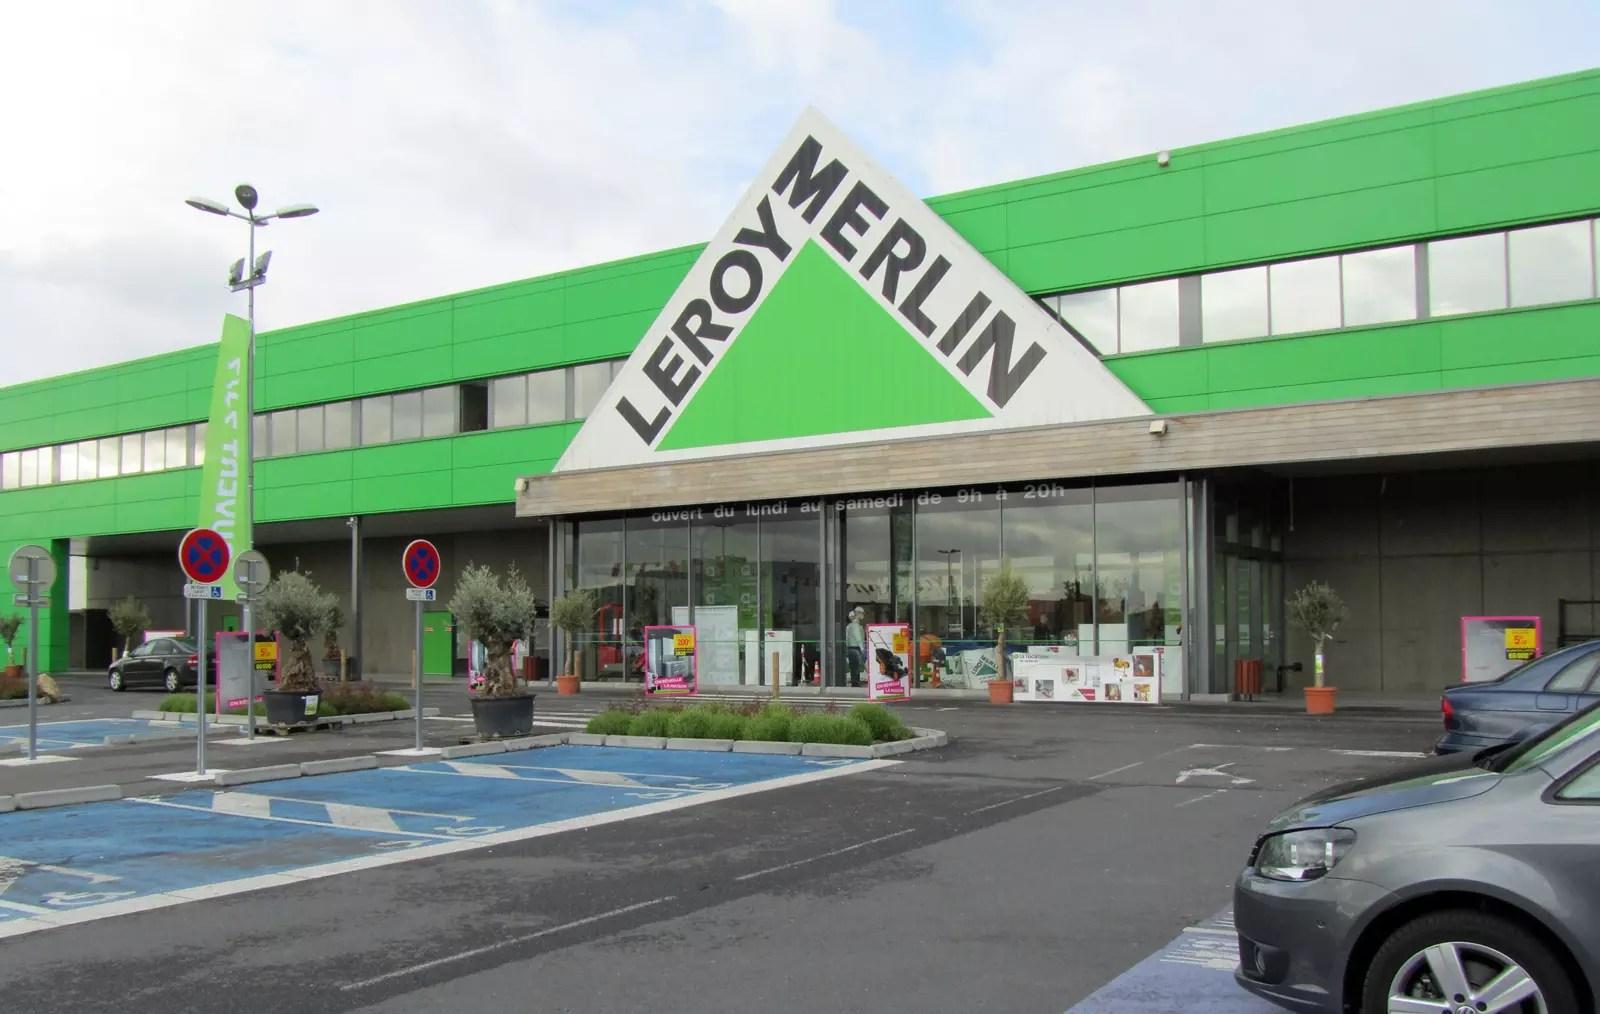 Plafoniera Neon 120 Cm Leroy Merlin : Leroy merlin a la rochelle collective org vers de nouveaux modes d